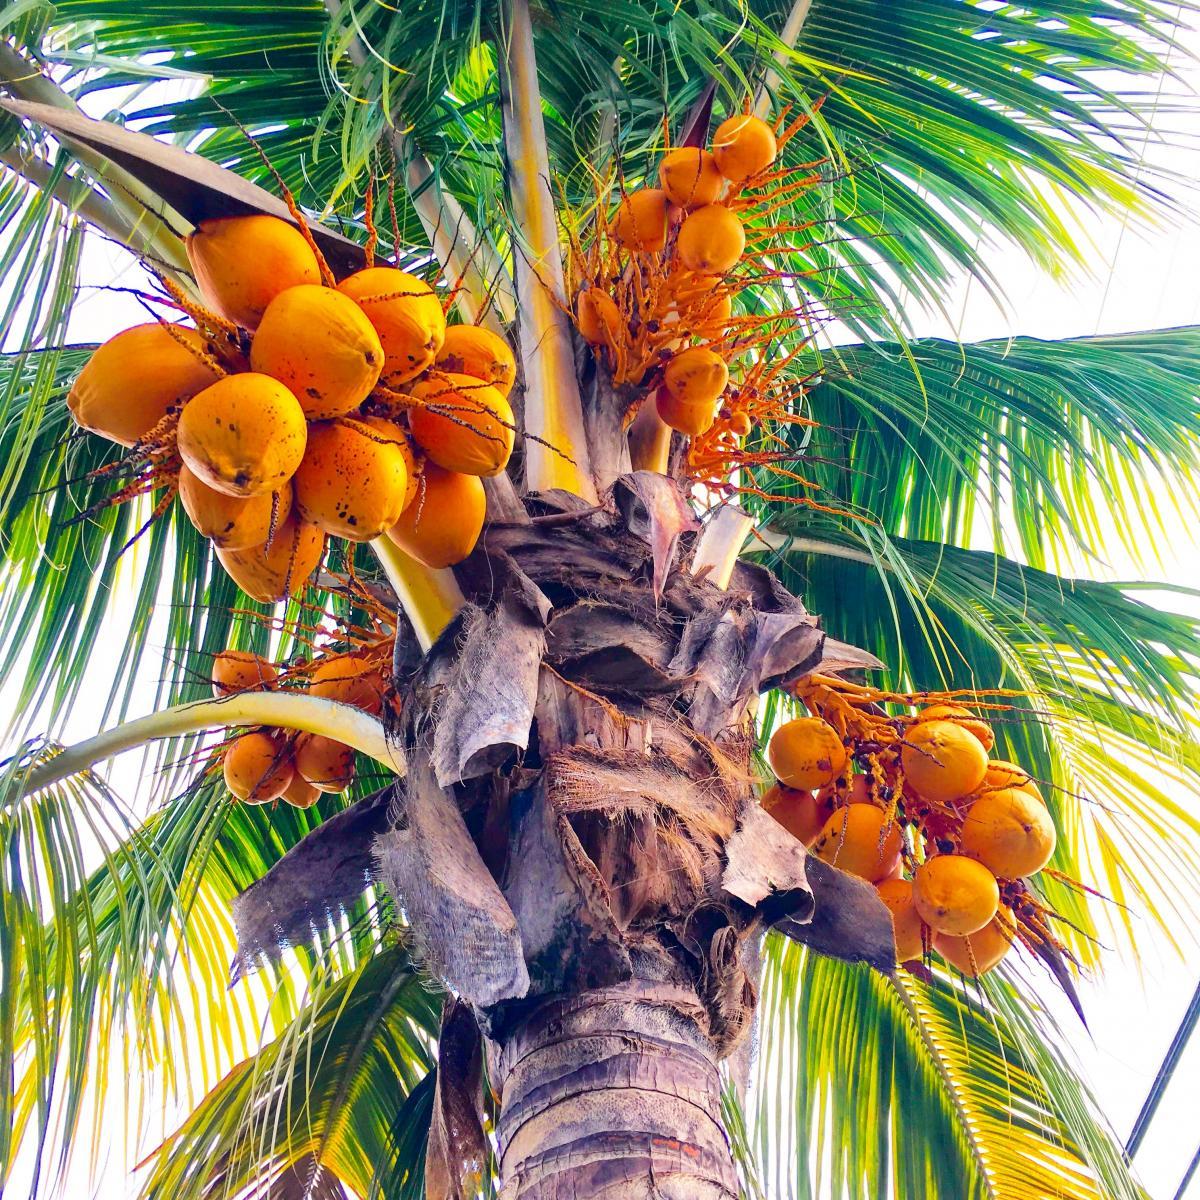 может картинки где растут кокосы нашей стране